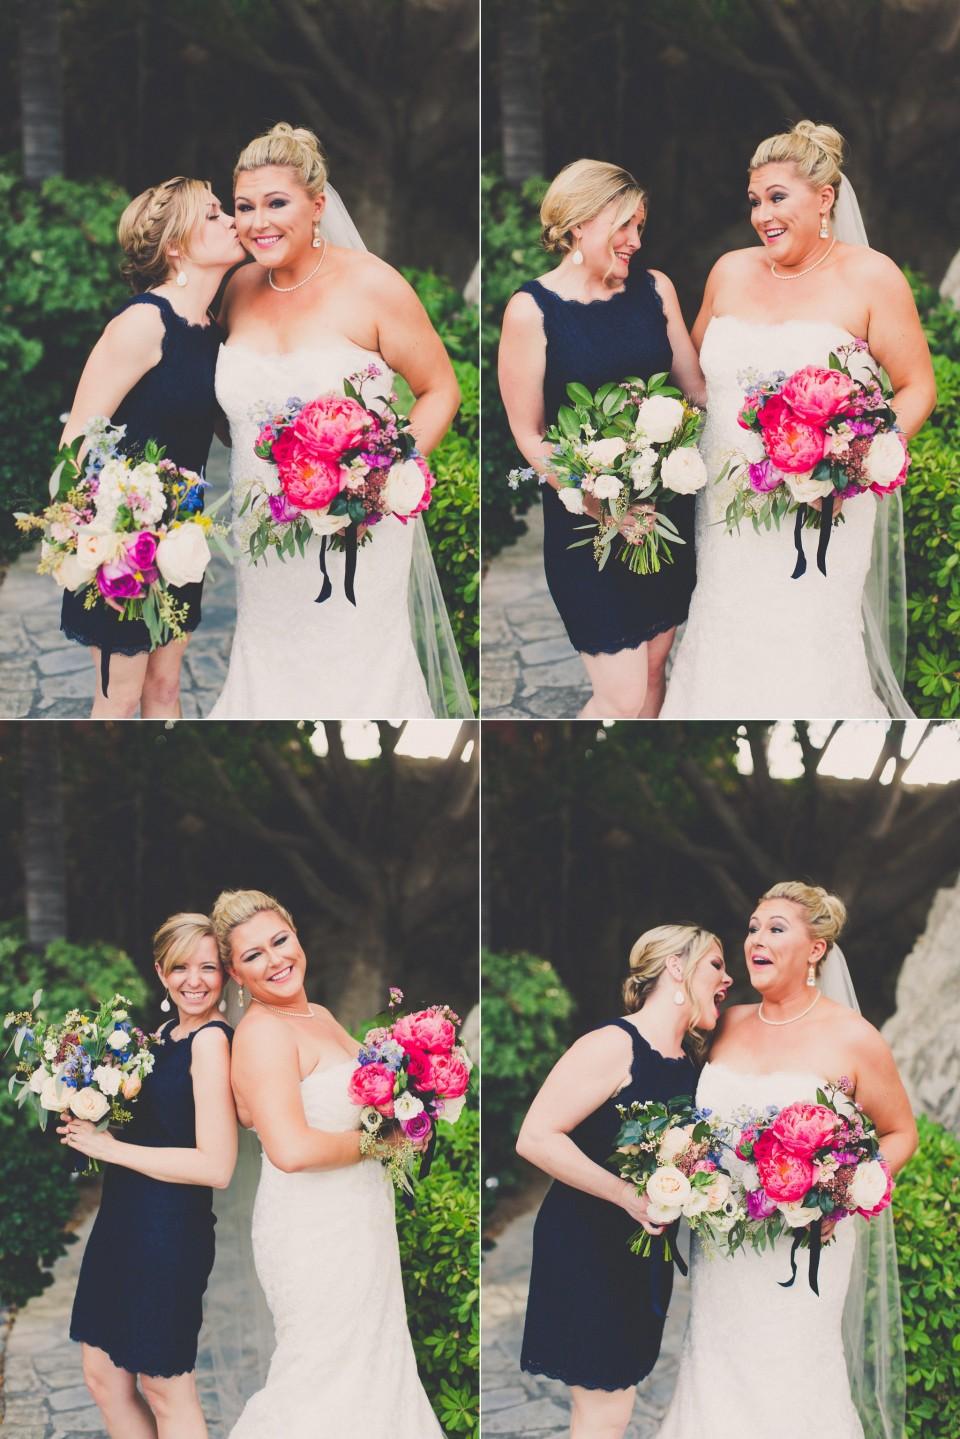 JamiZach-DifferentPointofView-Wedding-082